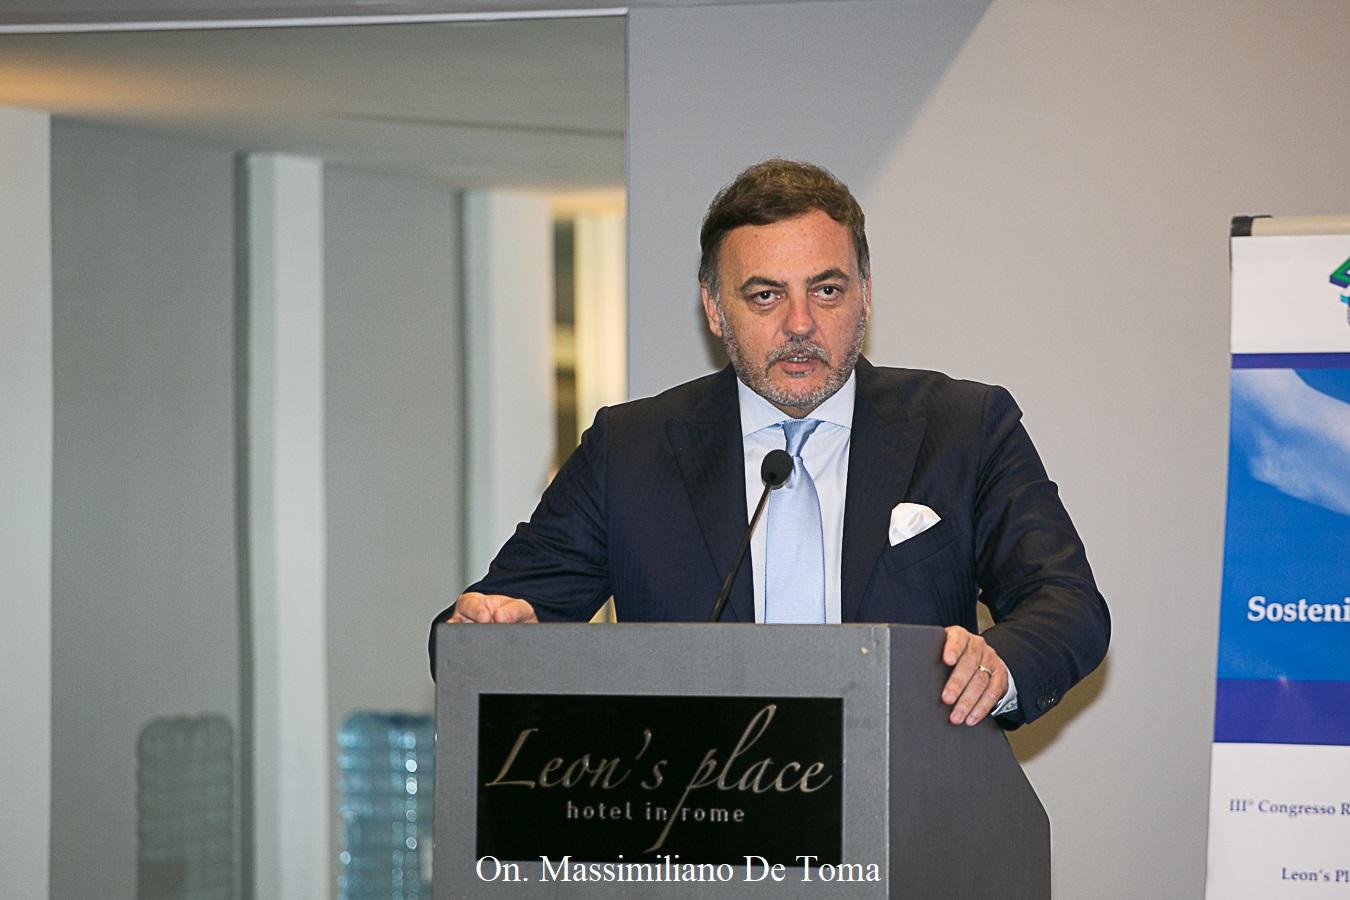 Massimiliano De Tomajpg